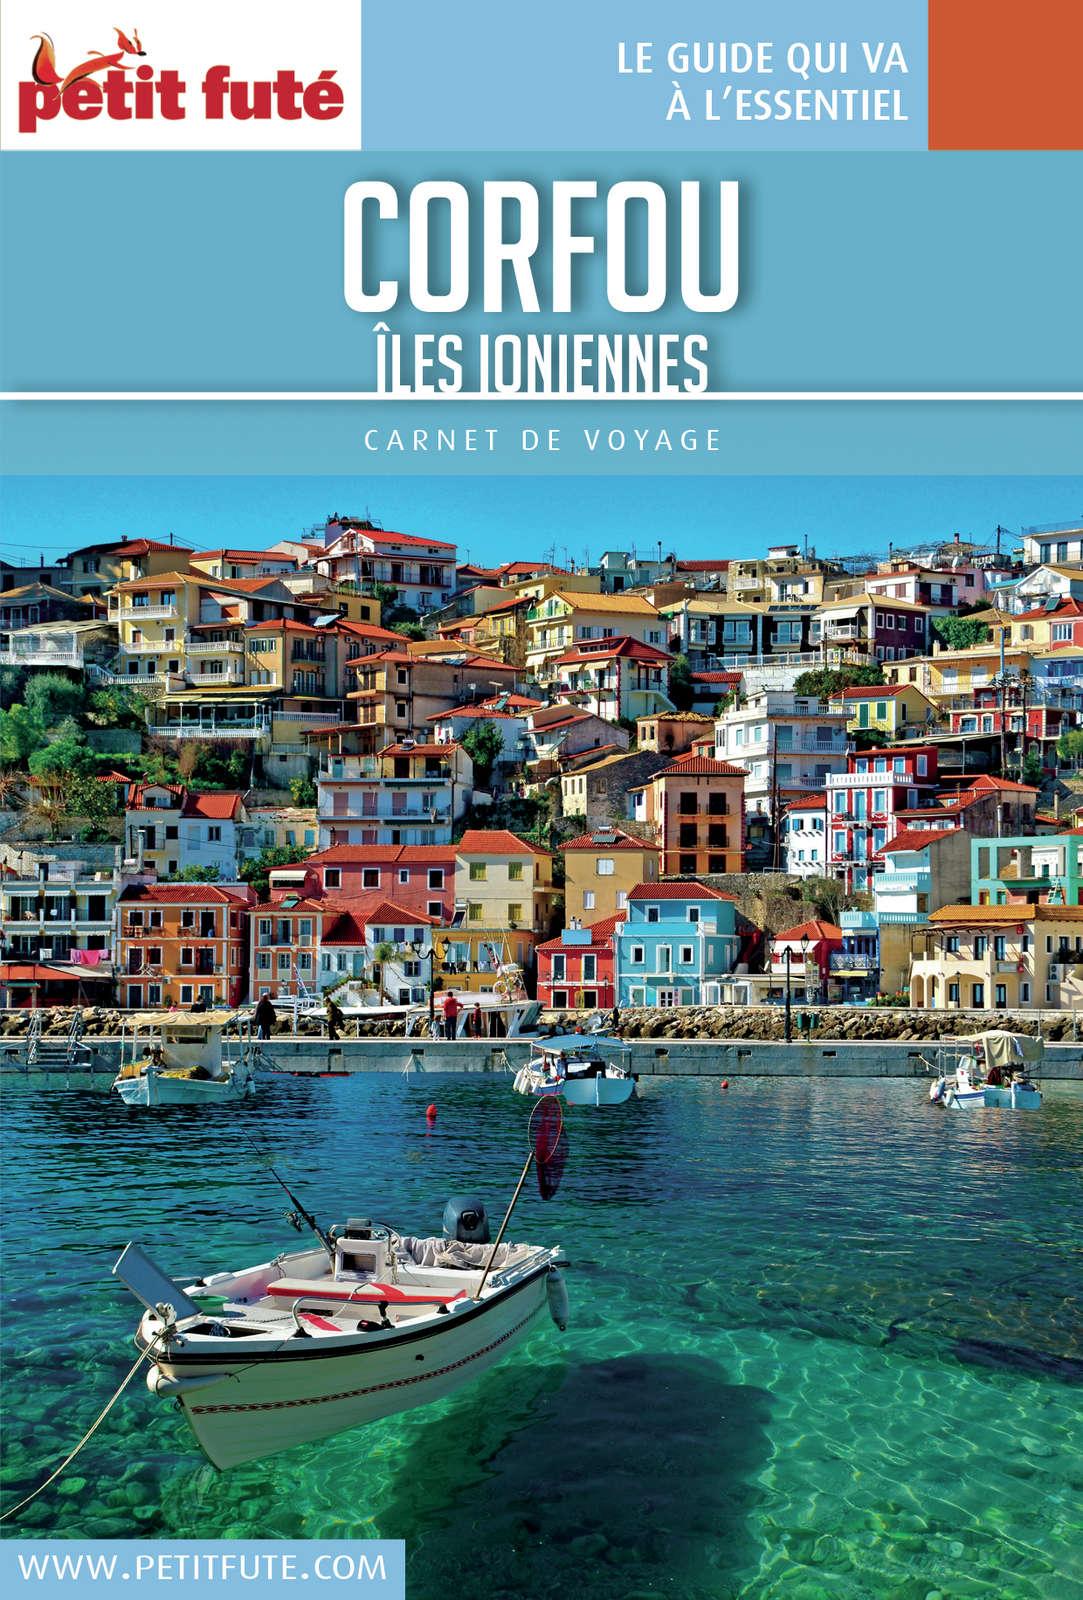 télécharger Carnet de voyage - Corfou / Îles ioniennes 2016/2017